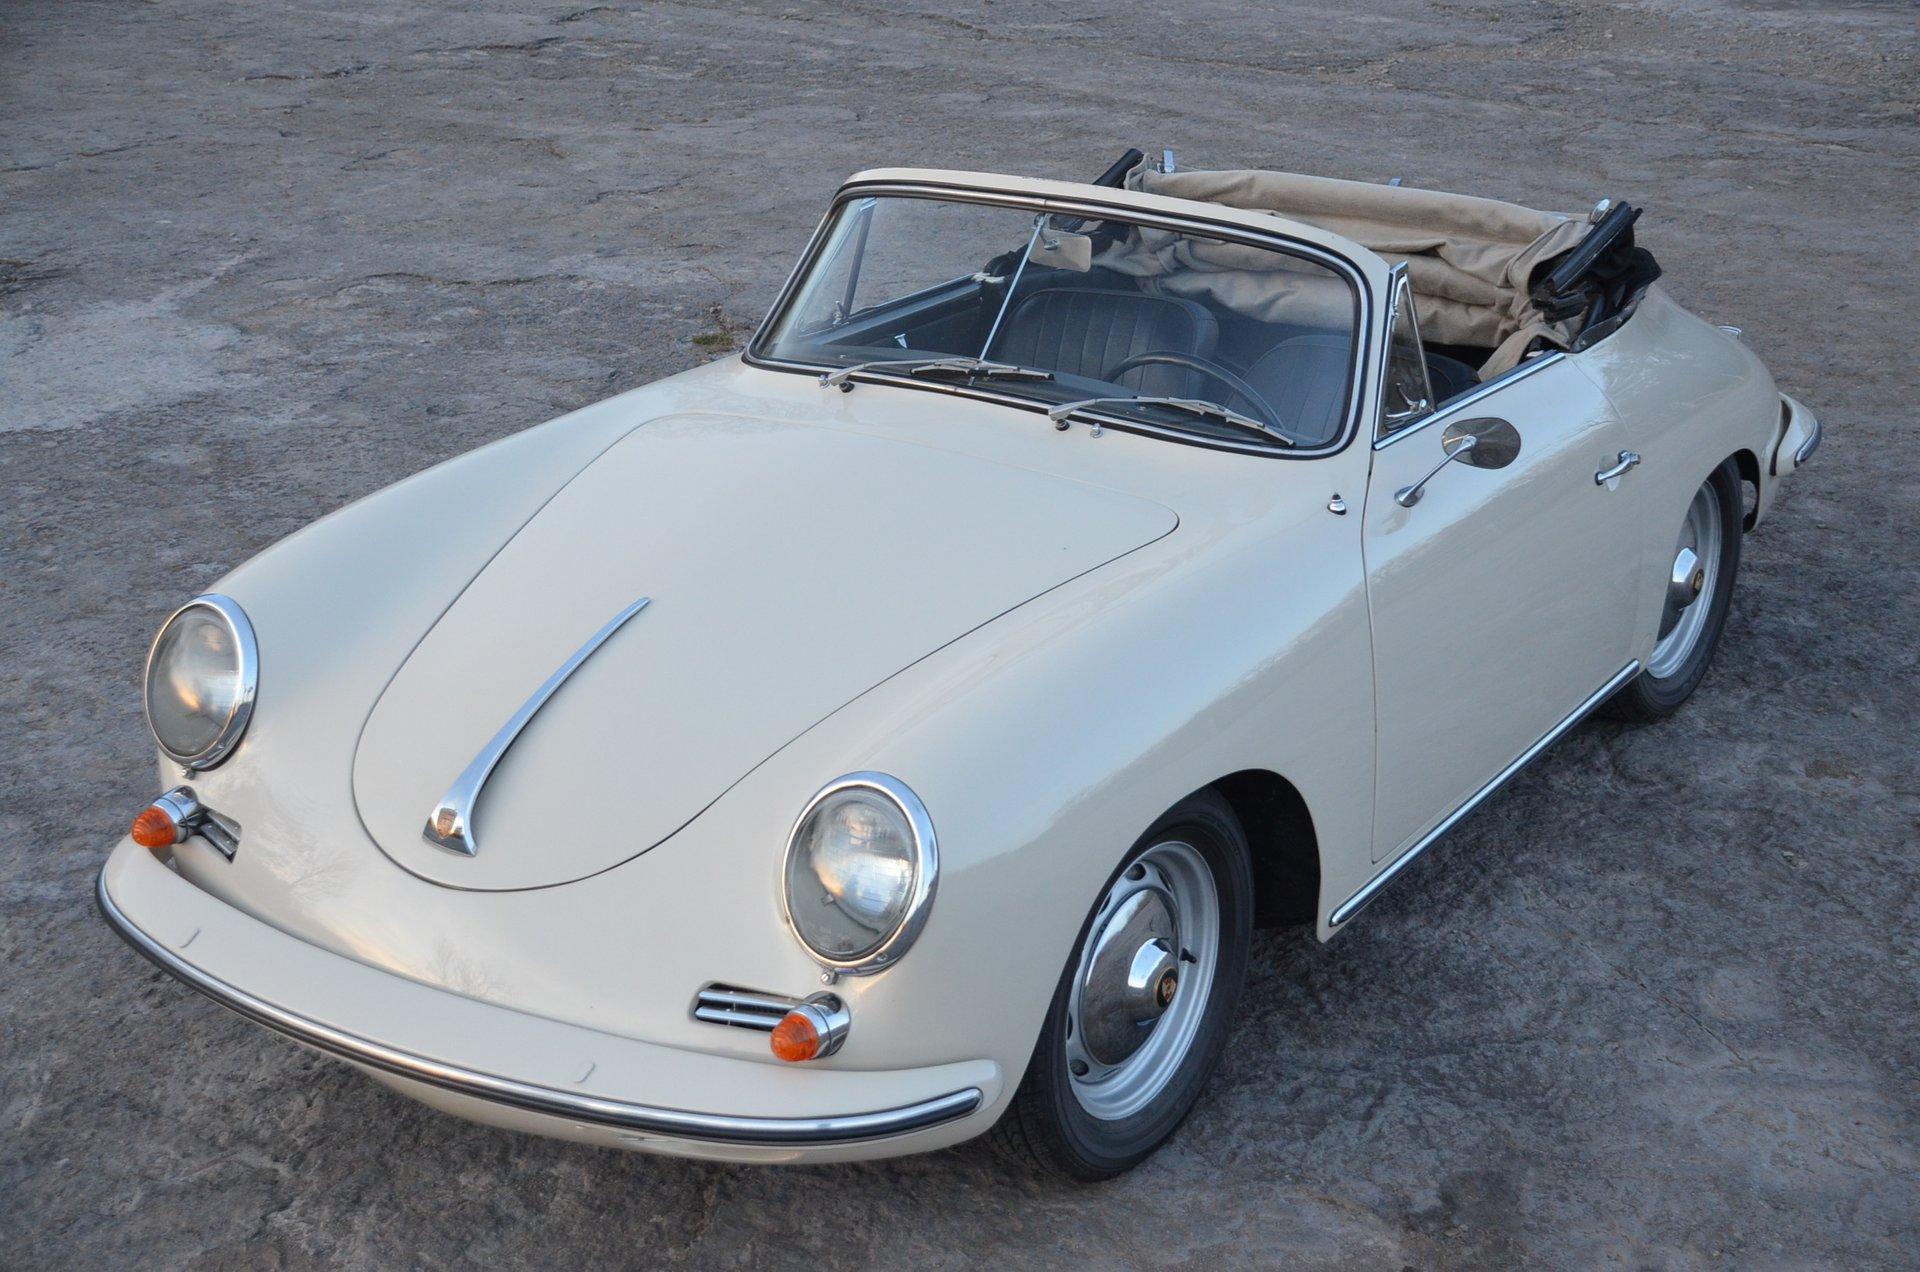 Porsche 356 B 1600 1960 Elferspot Com Marktplatz Fur Porsche Sportwagen